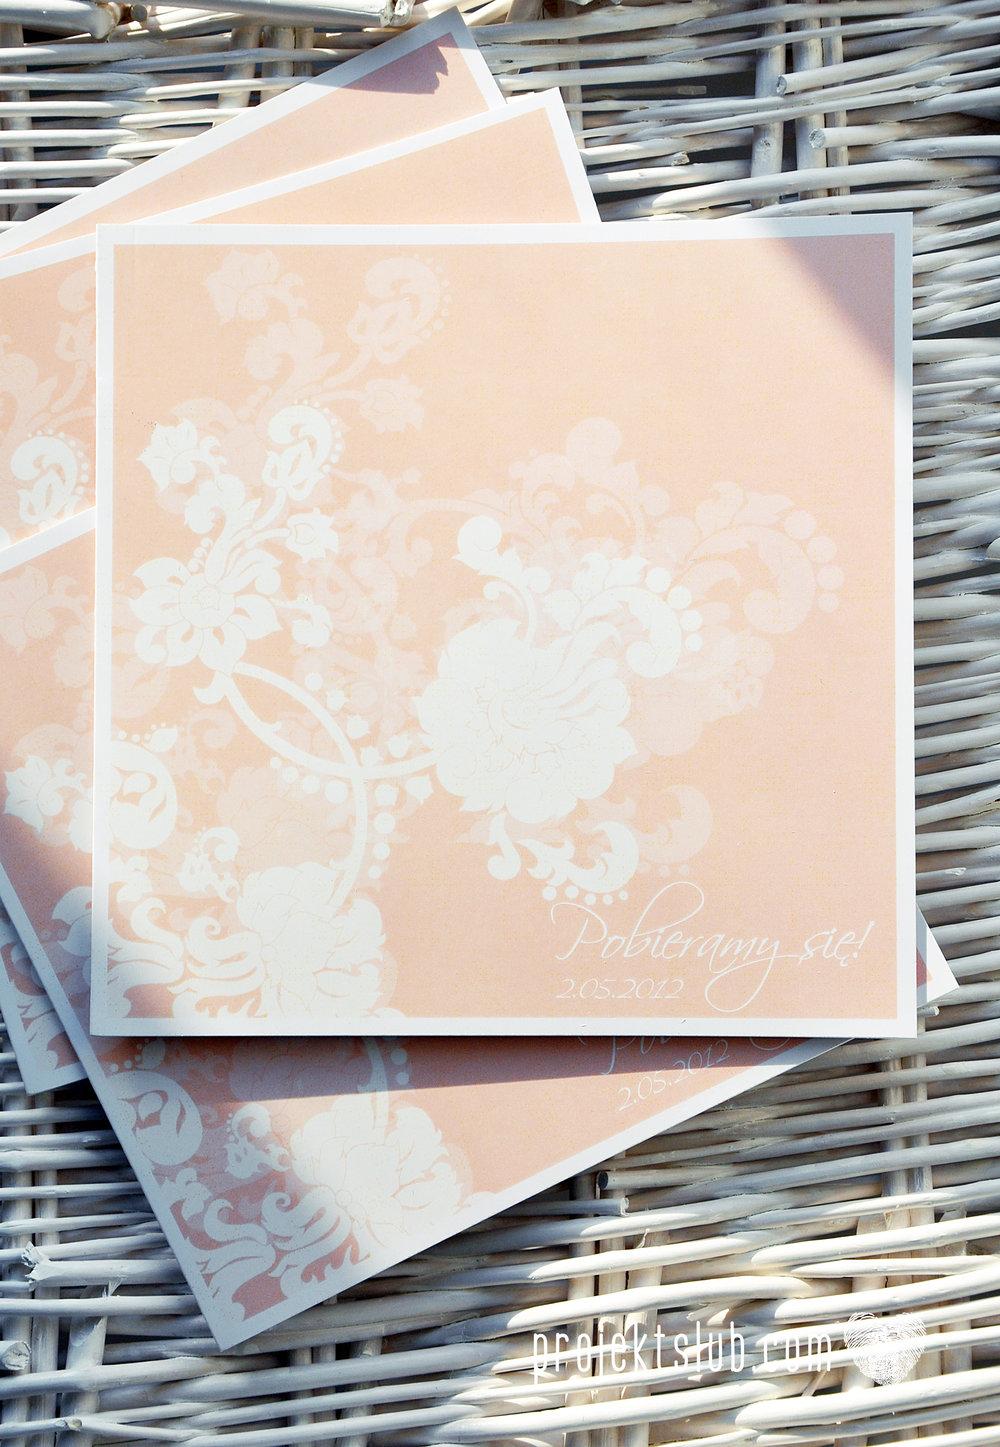 zaproszenia ślubne pudrowa elegancja róż pastele delikatne graficzne motywy klasyczny format projekt ślub (3).jpg